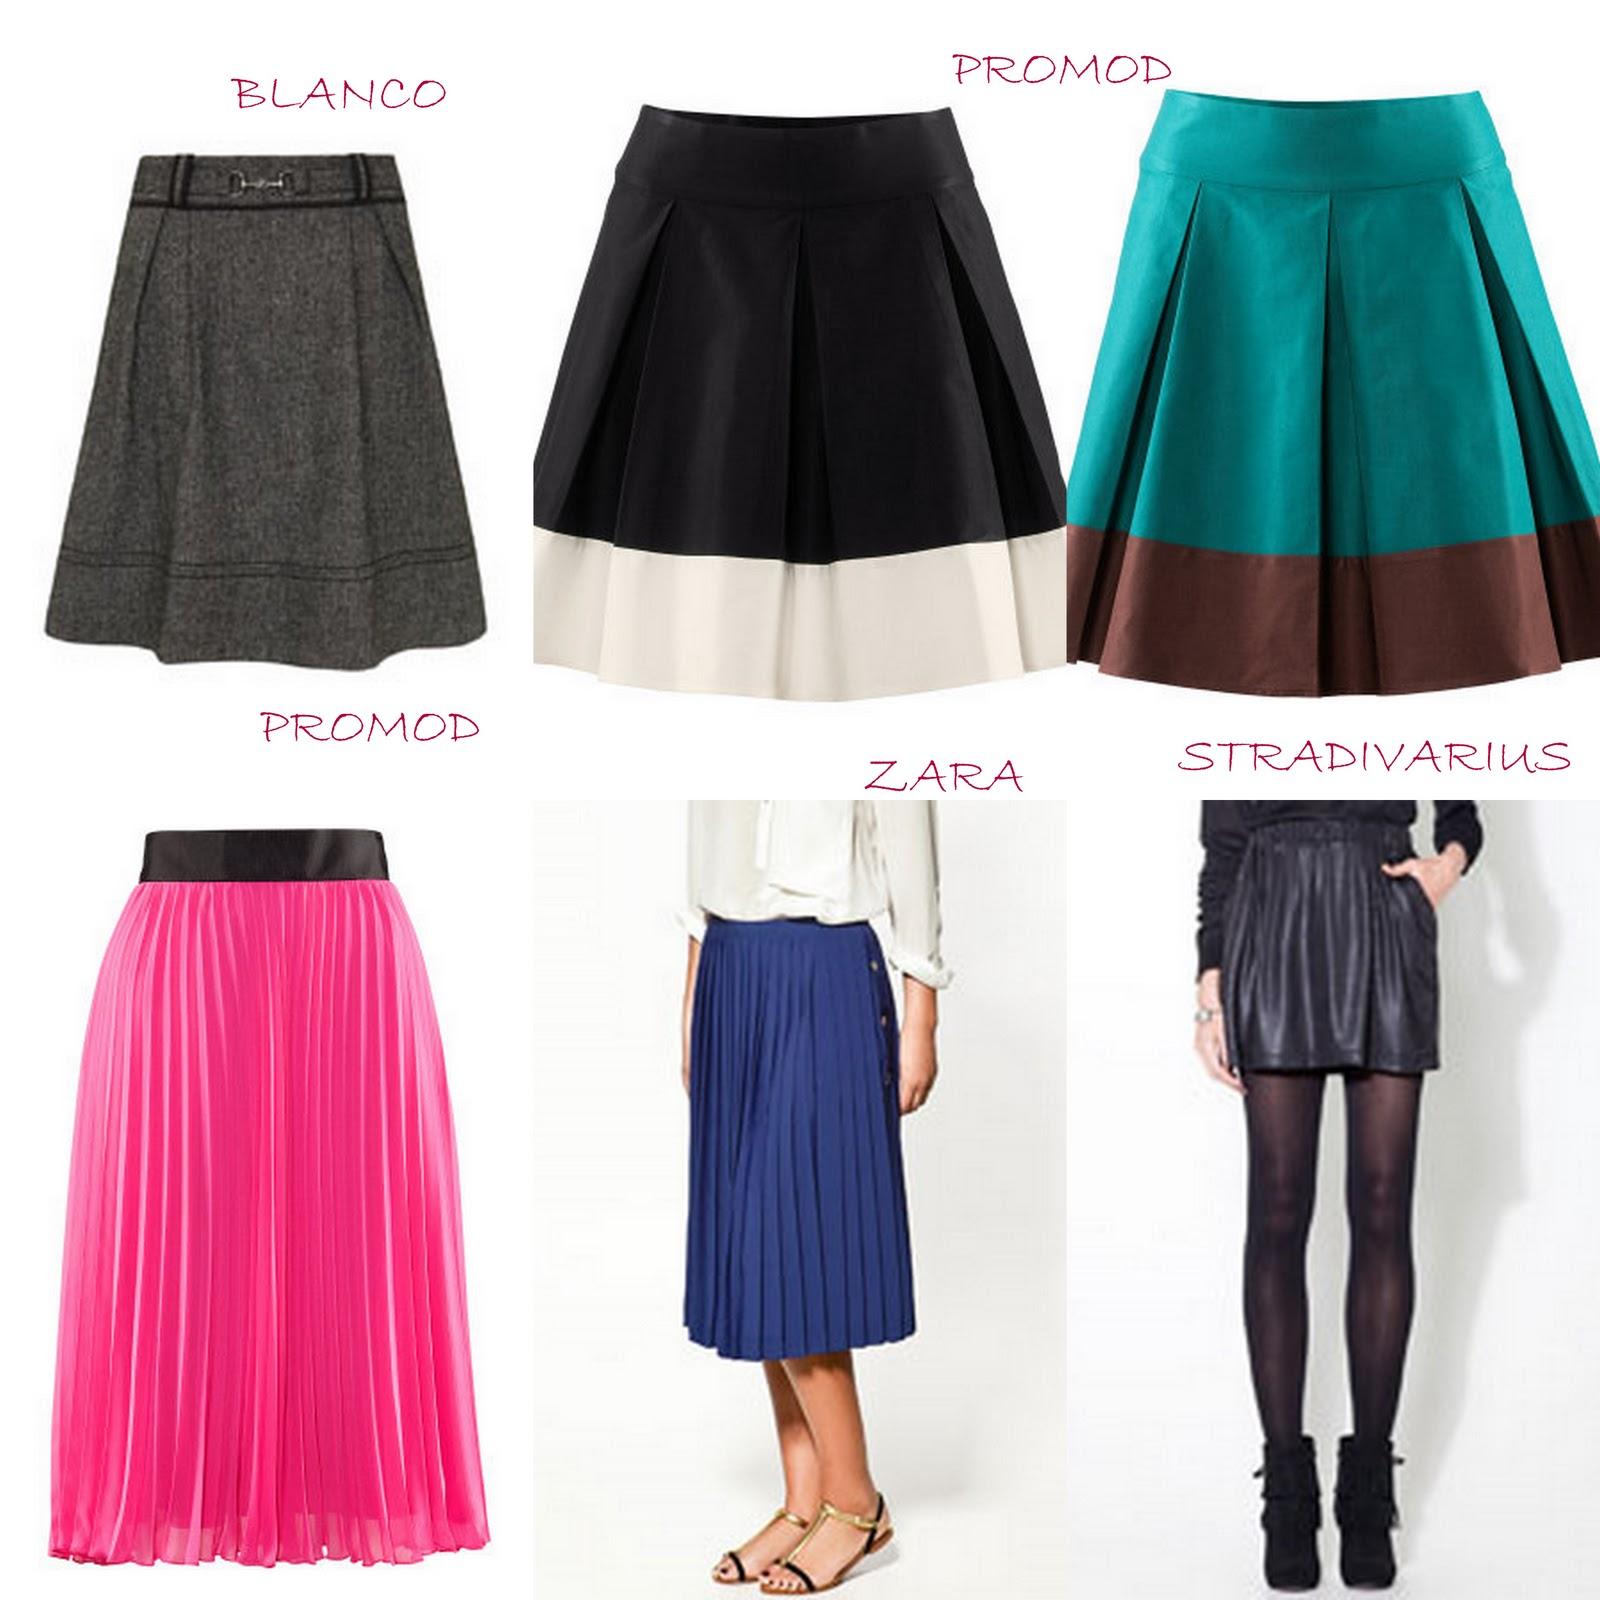 Ropa elite ltima moda imagenes de faldas for Disenos de faldas